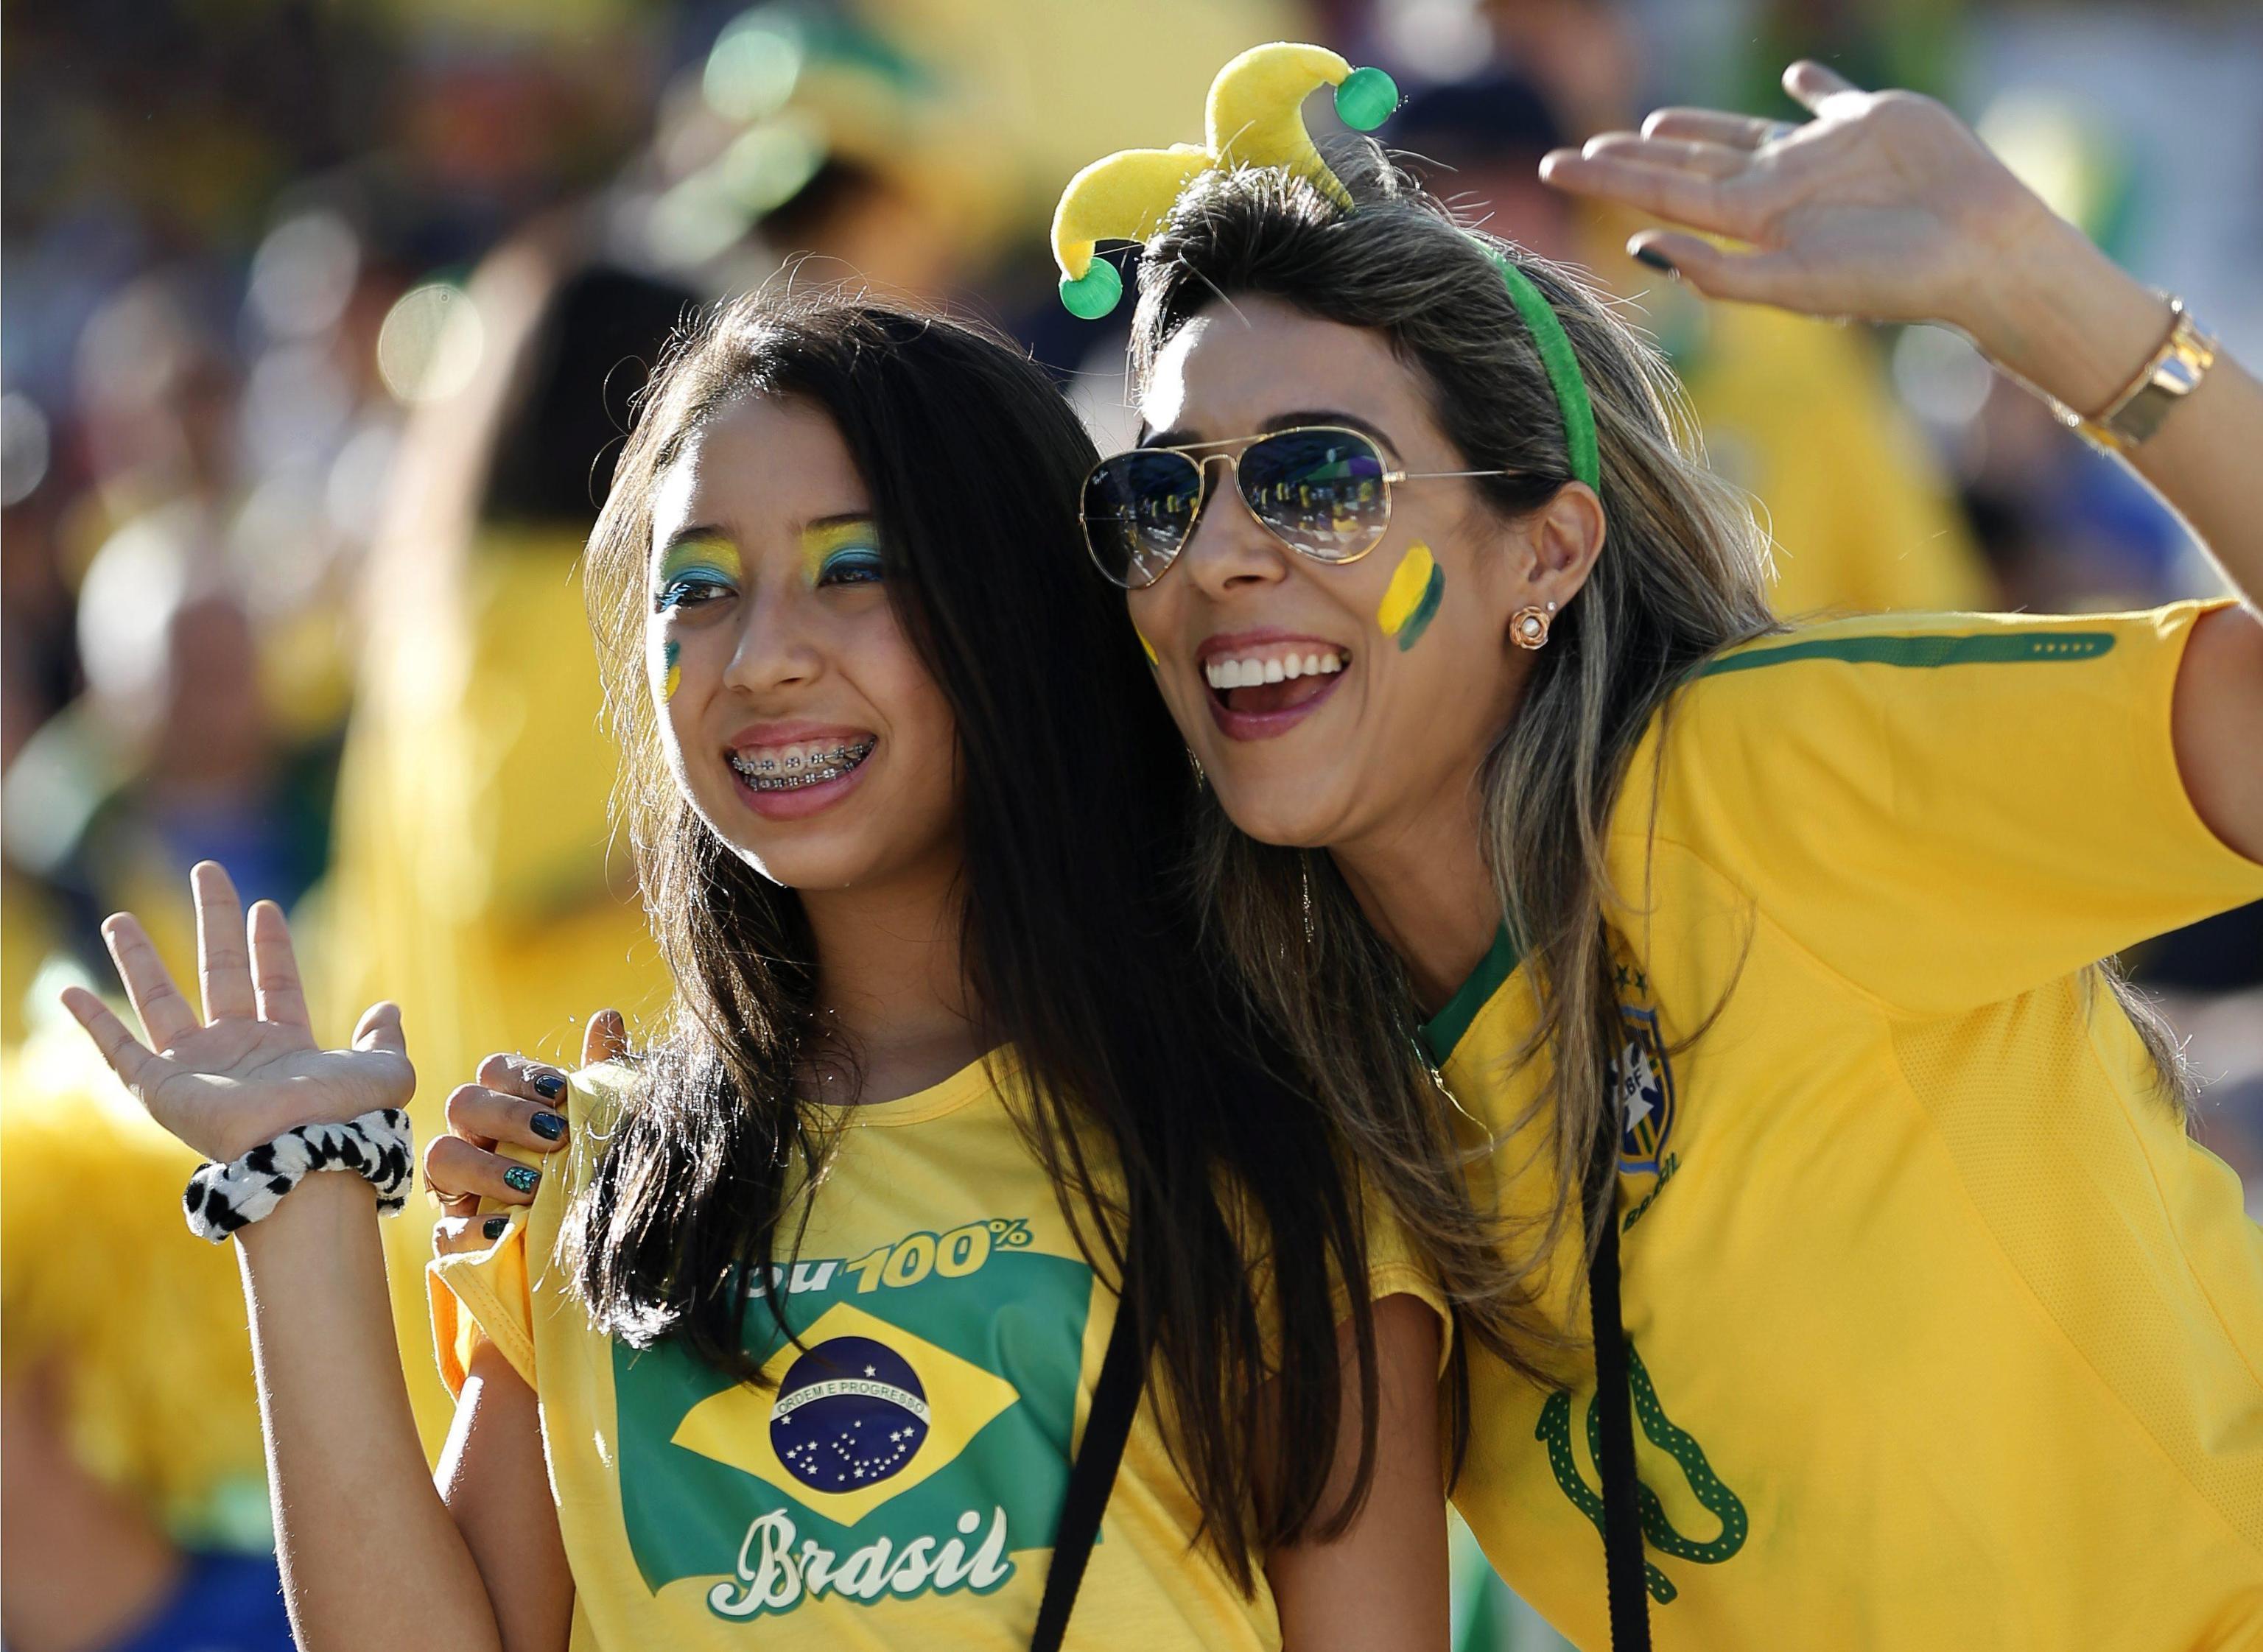 Секс с бразил, Бразильское порно онлайн бесплатно в хорошем 10 фотография